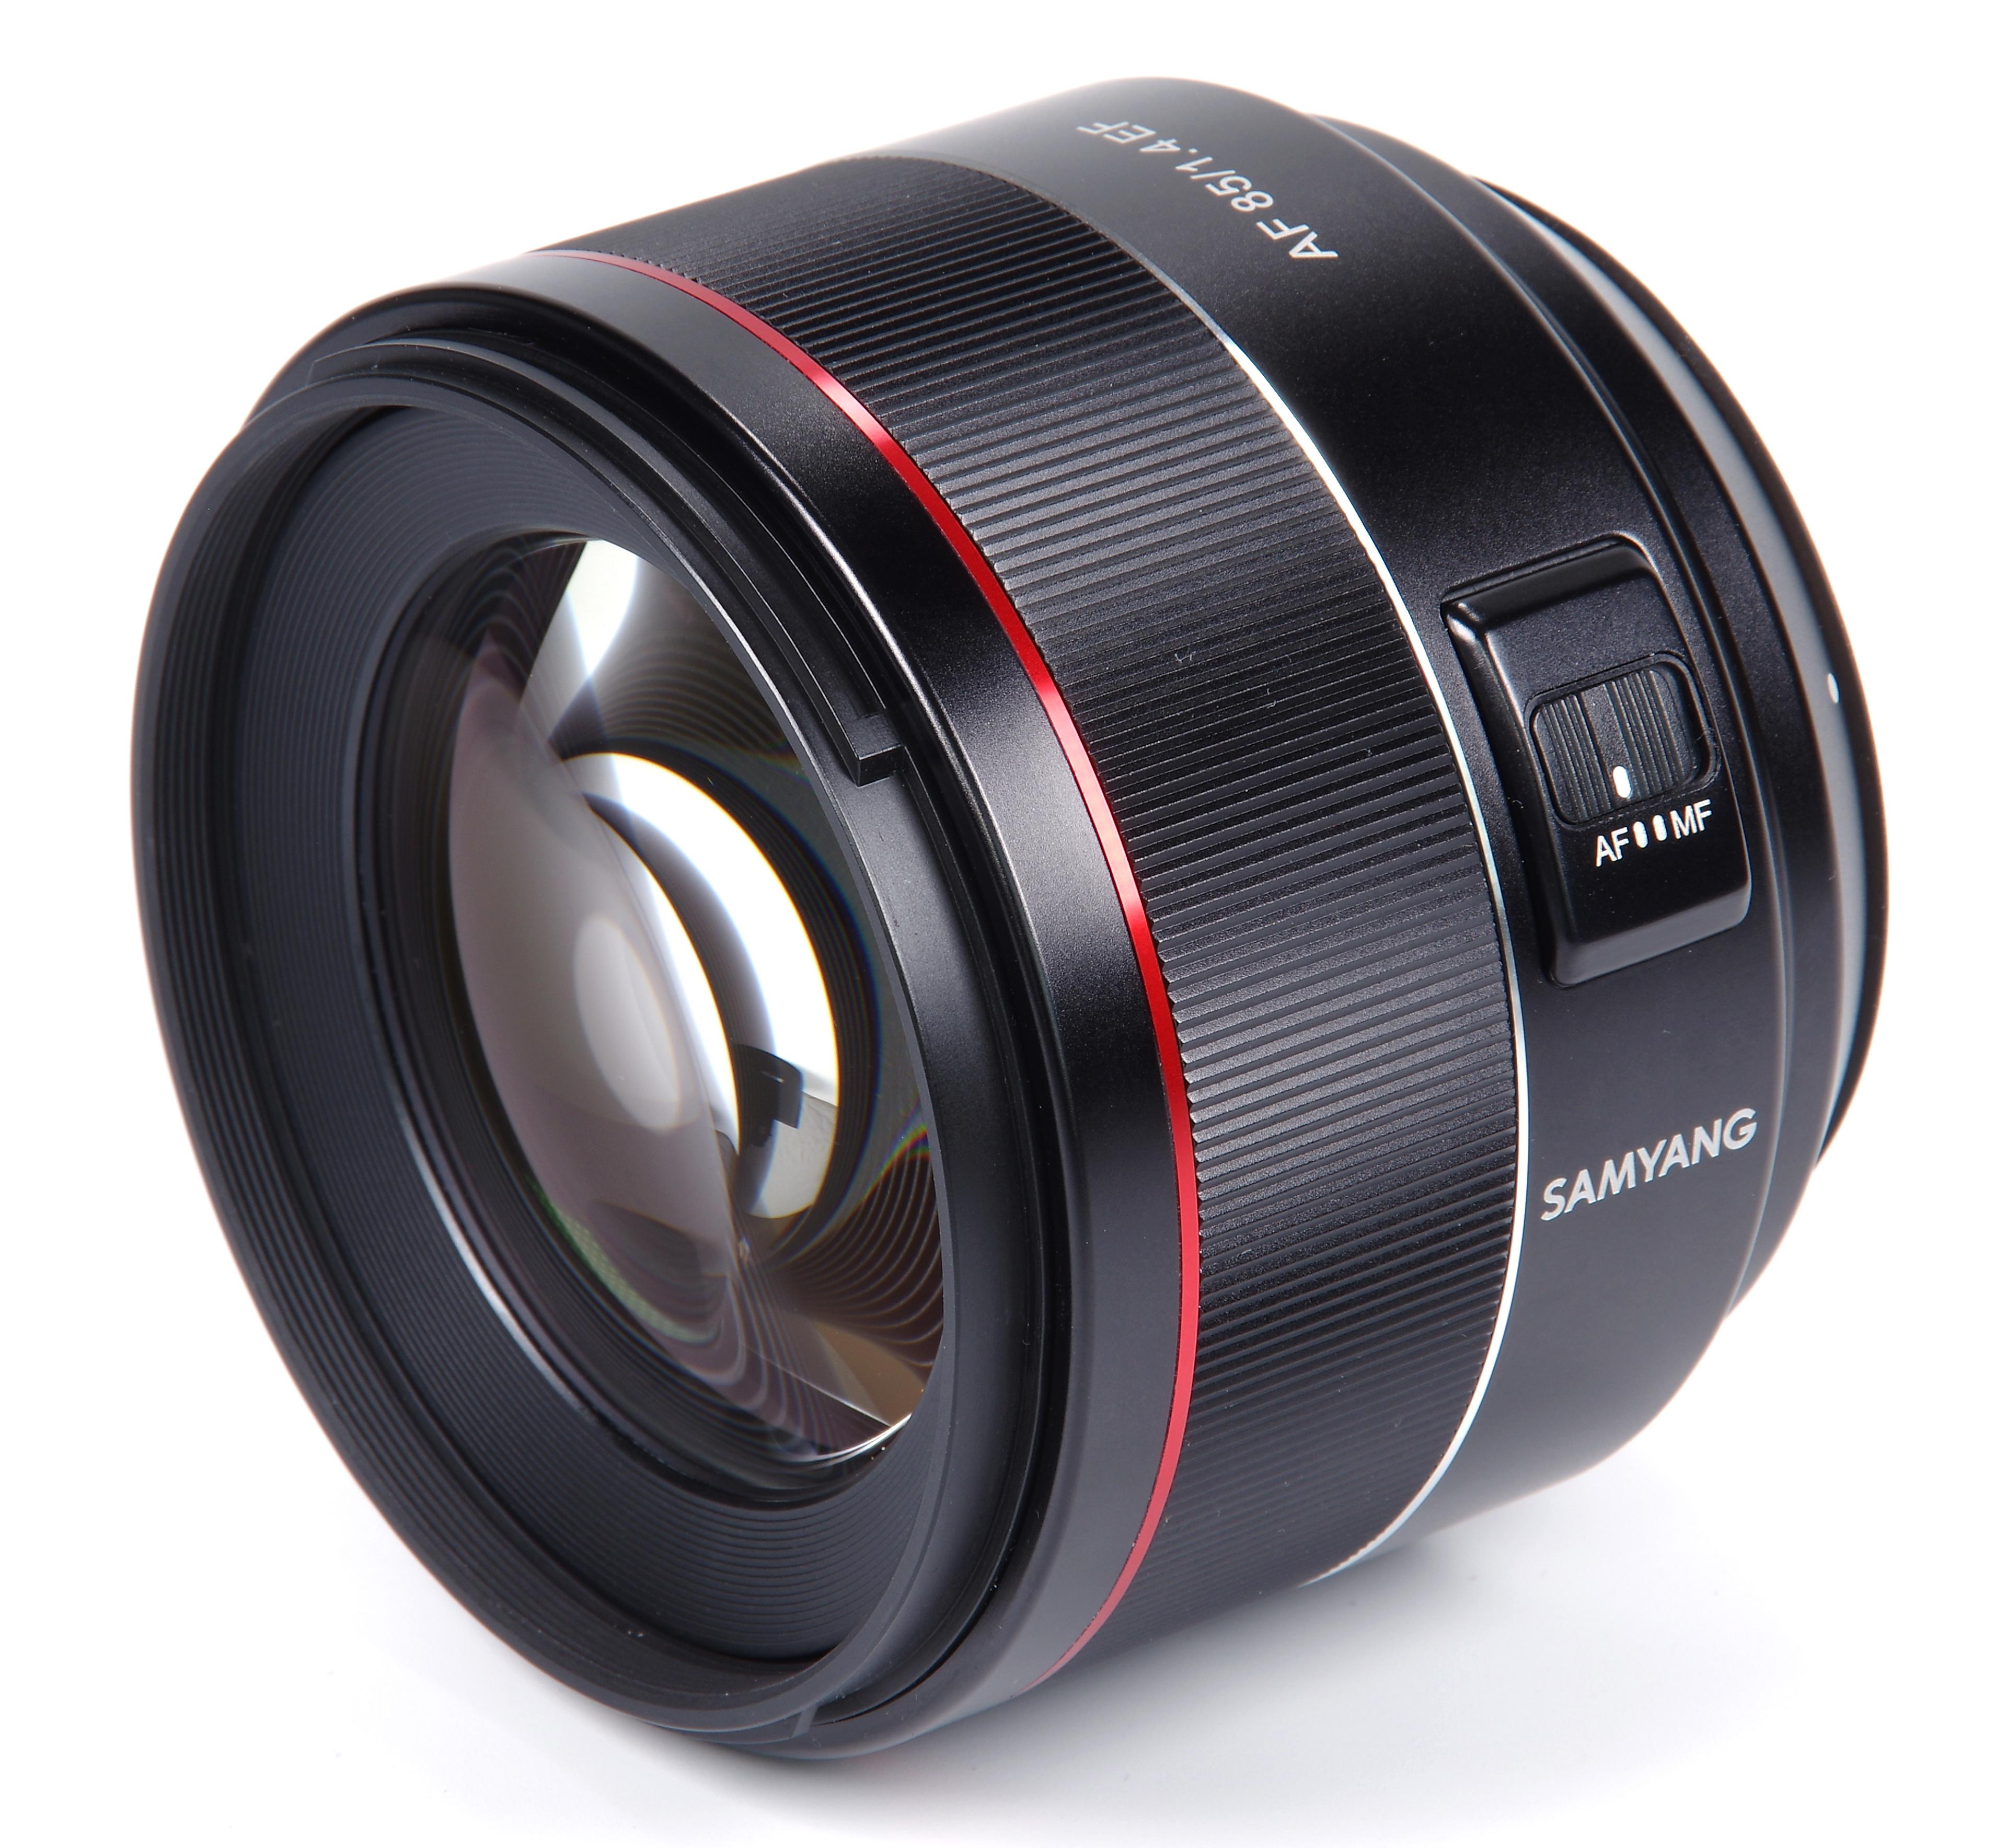 aed99c3e29 Samyang AF 85mm f/1.4 EF Review | ePHOTOzine